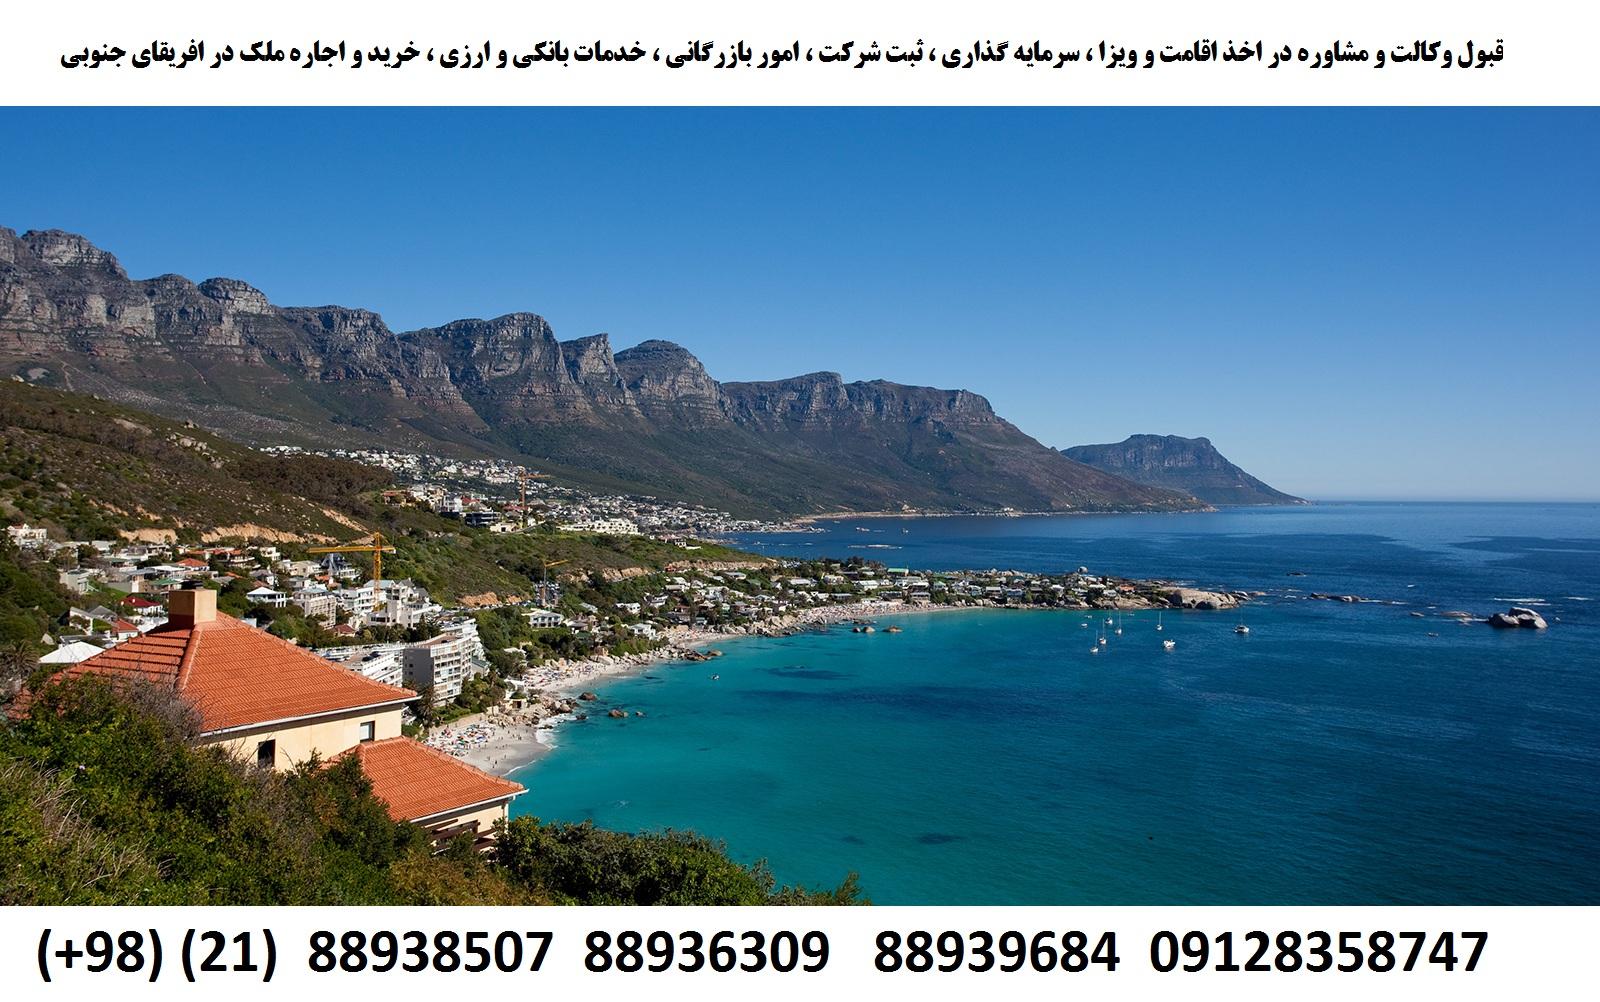 اقامت ، ویزا ، ثبت شرکت ، سرمایه گذاری در افریقای جنوبی (7)